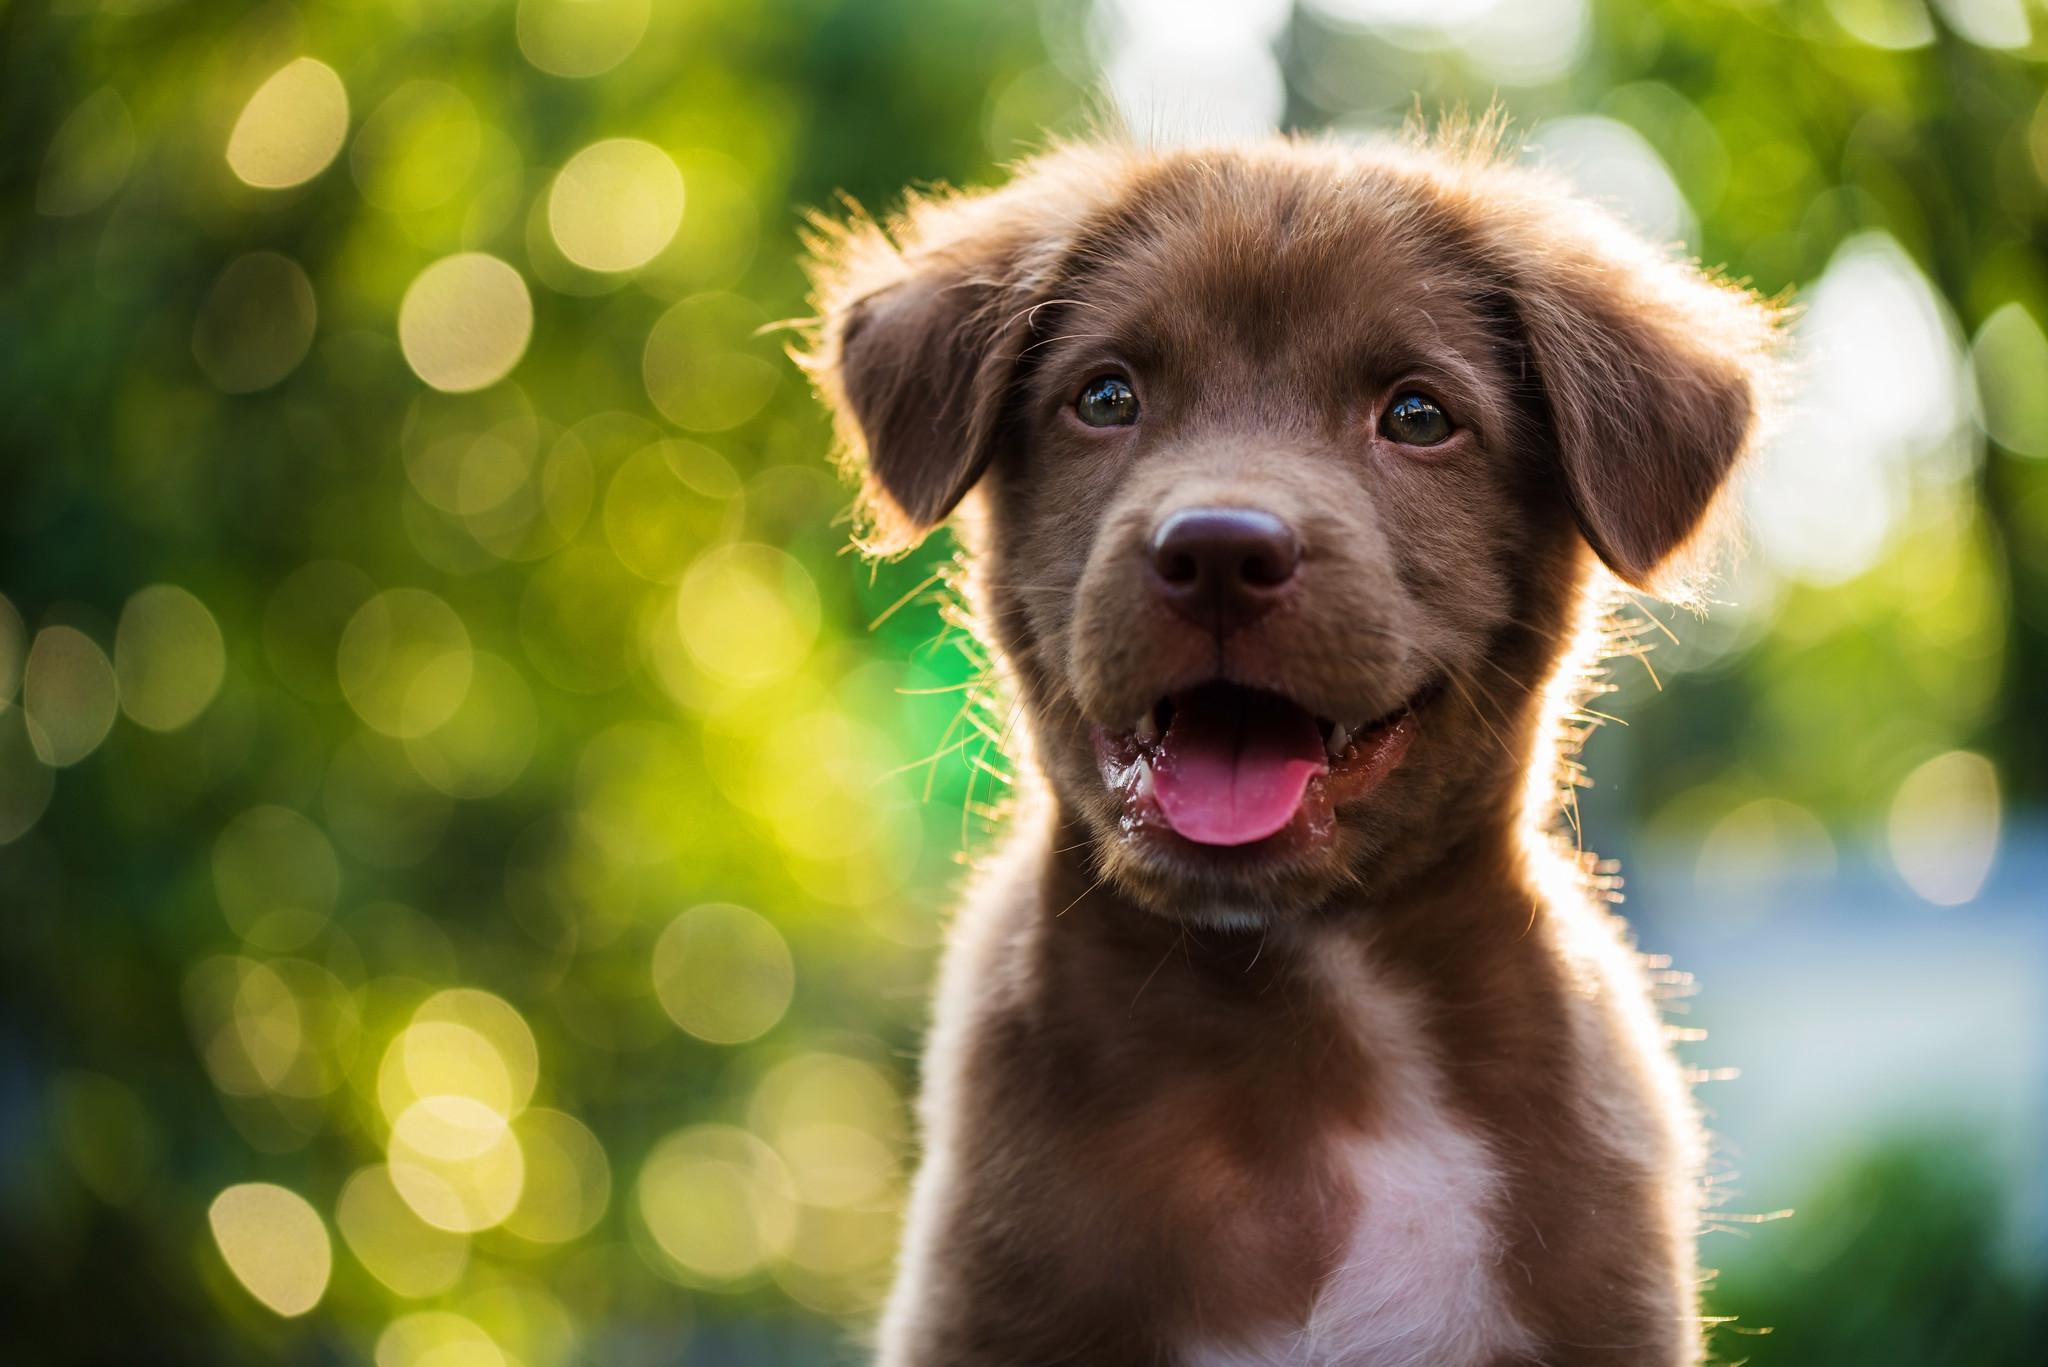 ¿Por qué mi cachorro muerde tanto? | posibles razones y soluciones